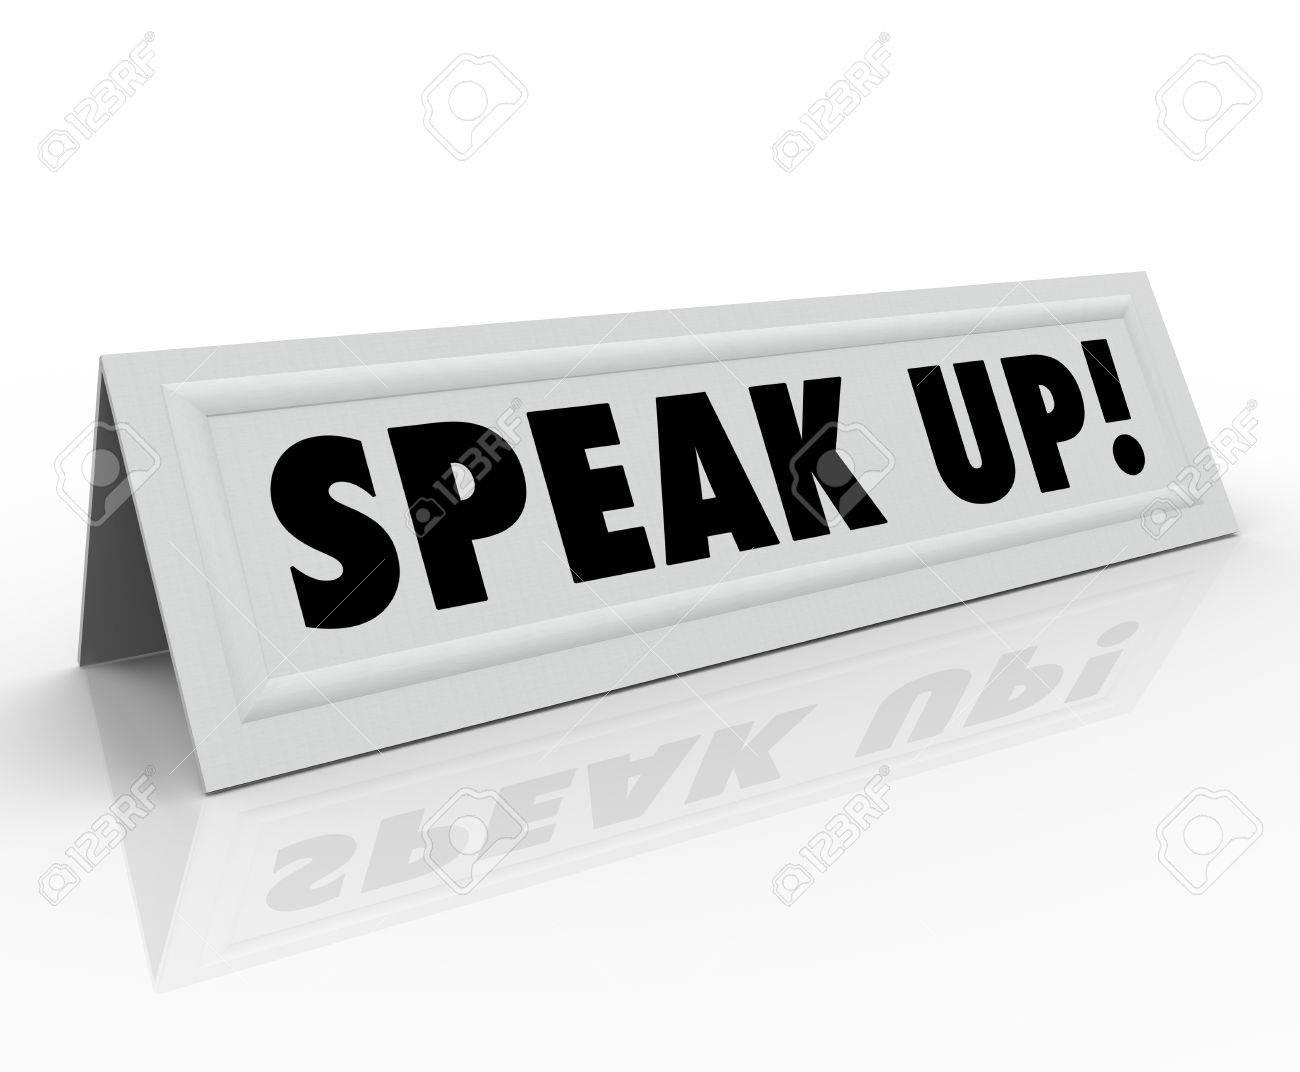 Les Mots Prennent La Parole Sur Une Tente De Papier Ou Carte Visite Vous Invite A Partager Vos Pensees Idees Commentaires Reactions